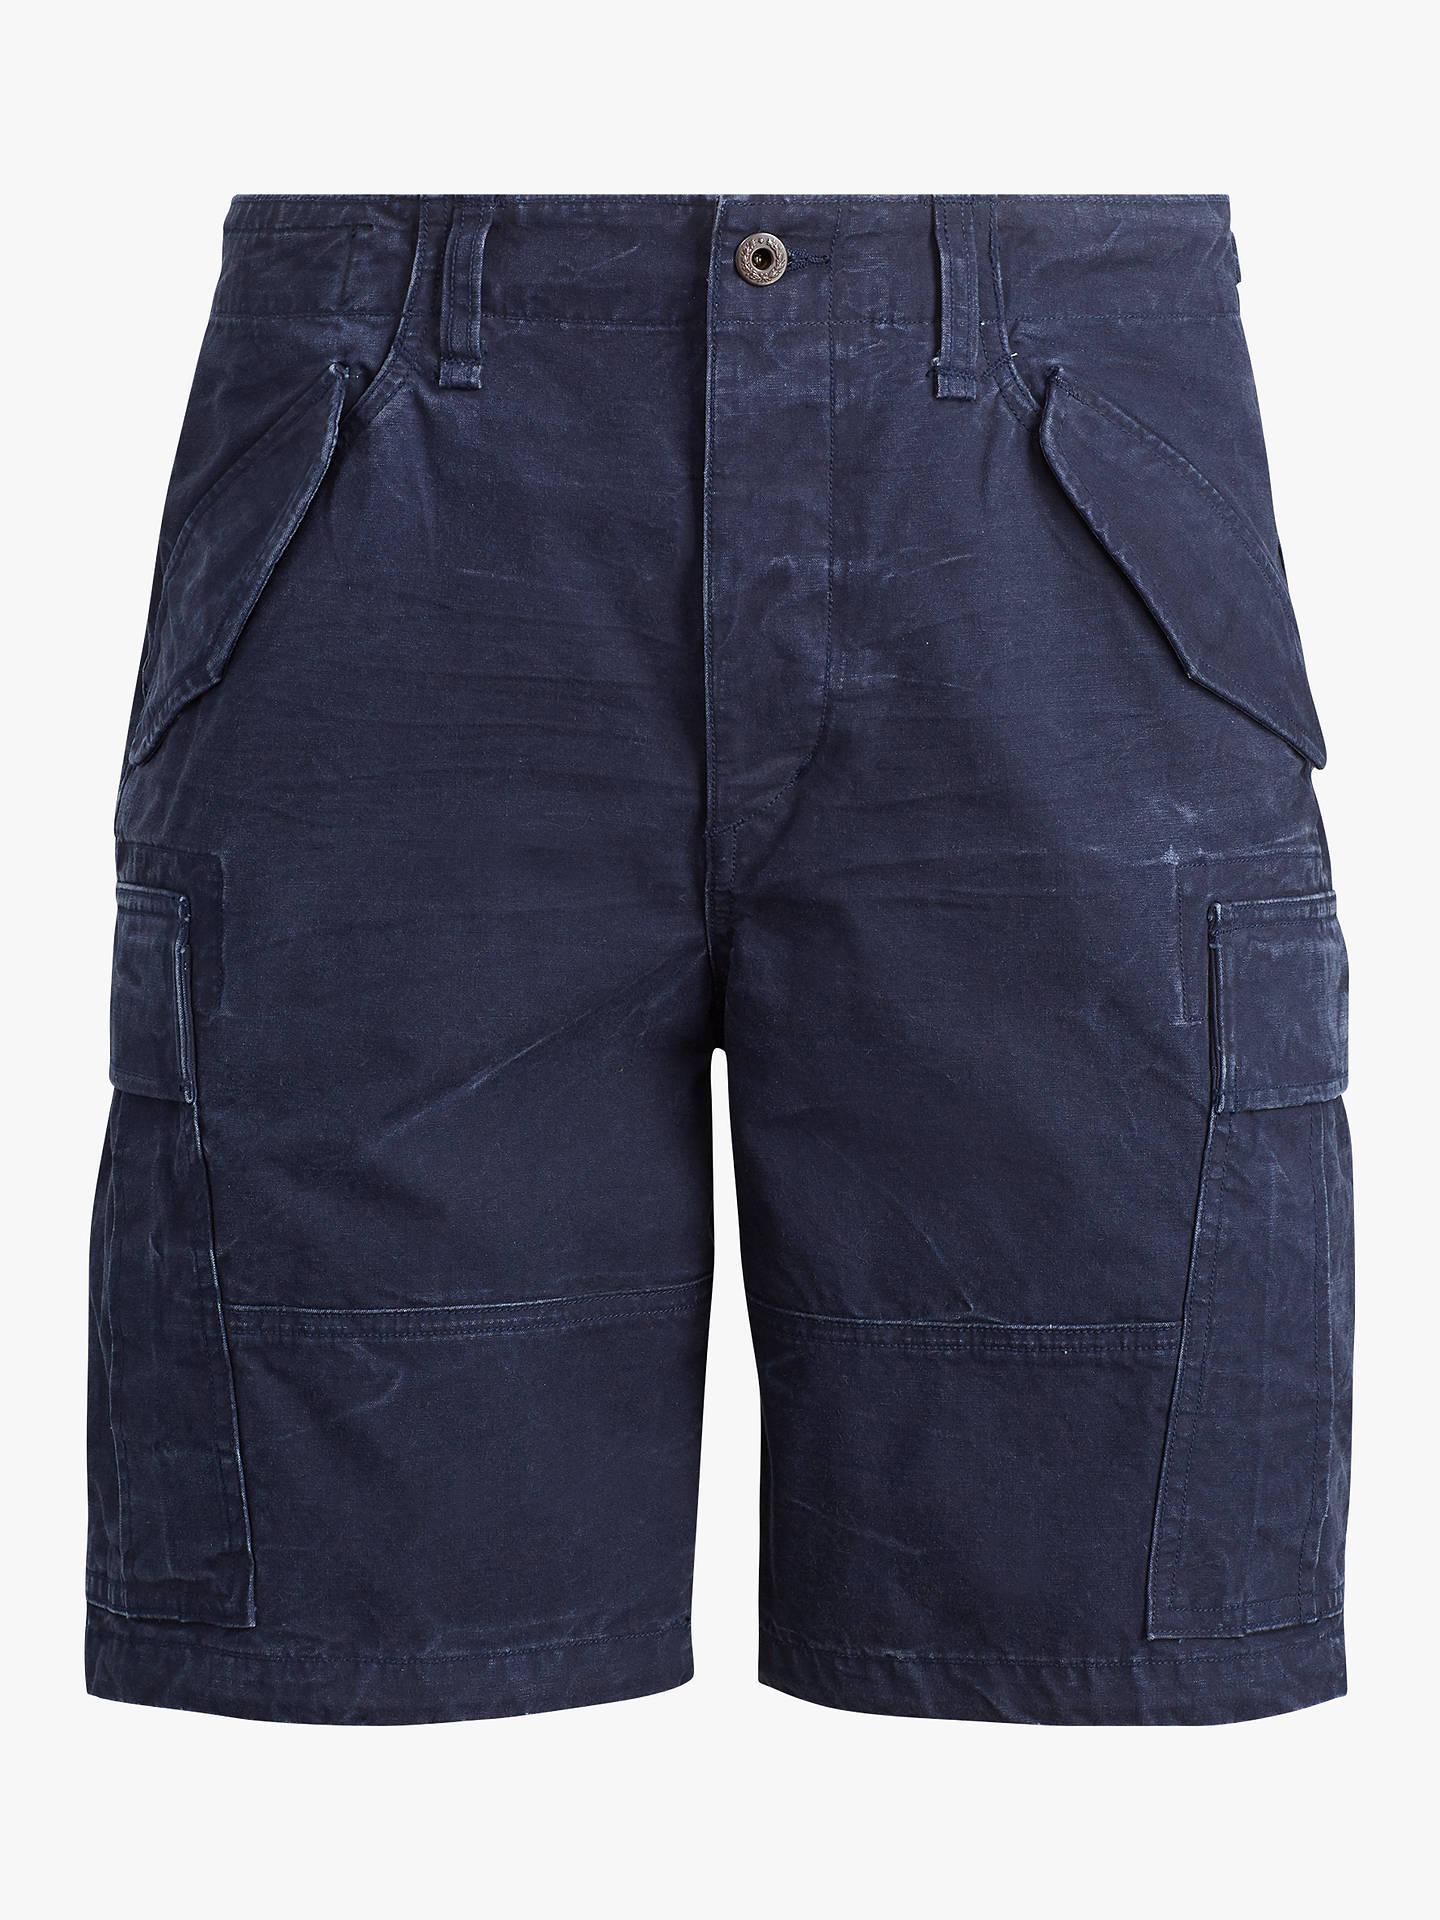 Hudson tan Ralph LAUREN MEN/'S Pantaloncini Cargo RRP £ 109